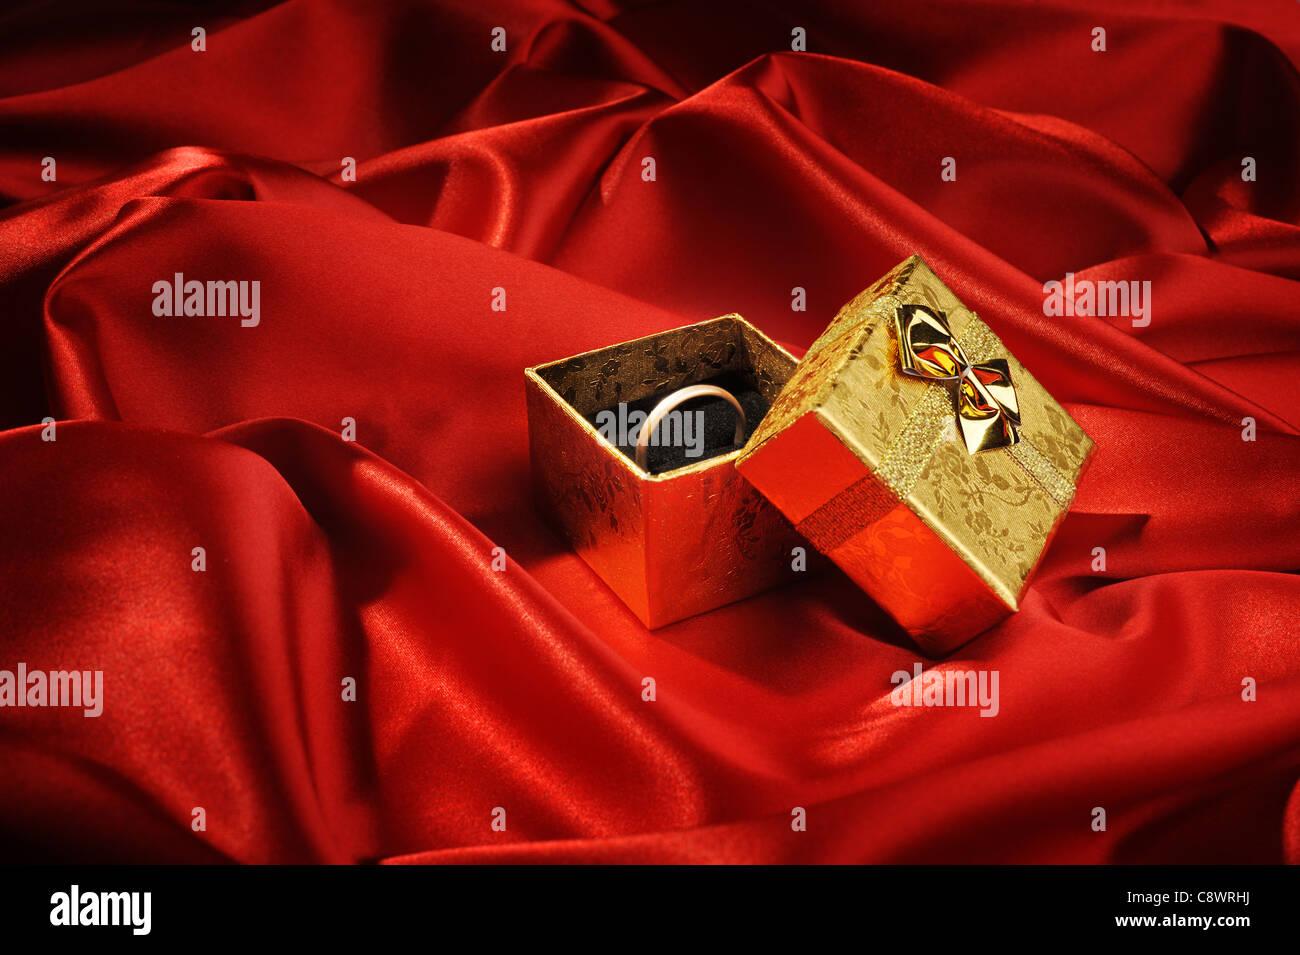 Gold-Boxen mit einem Ehering auf roter Seide Stockbild